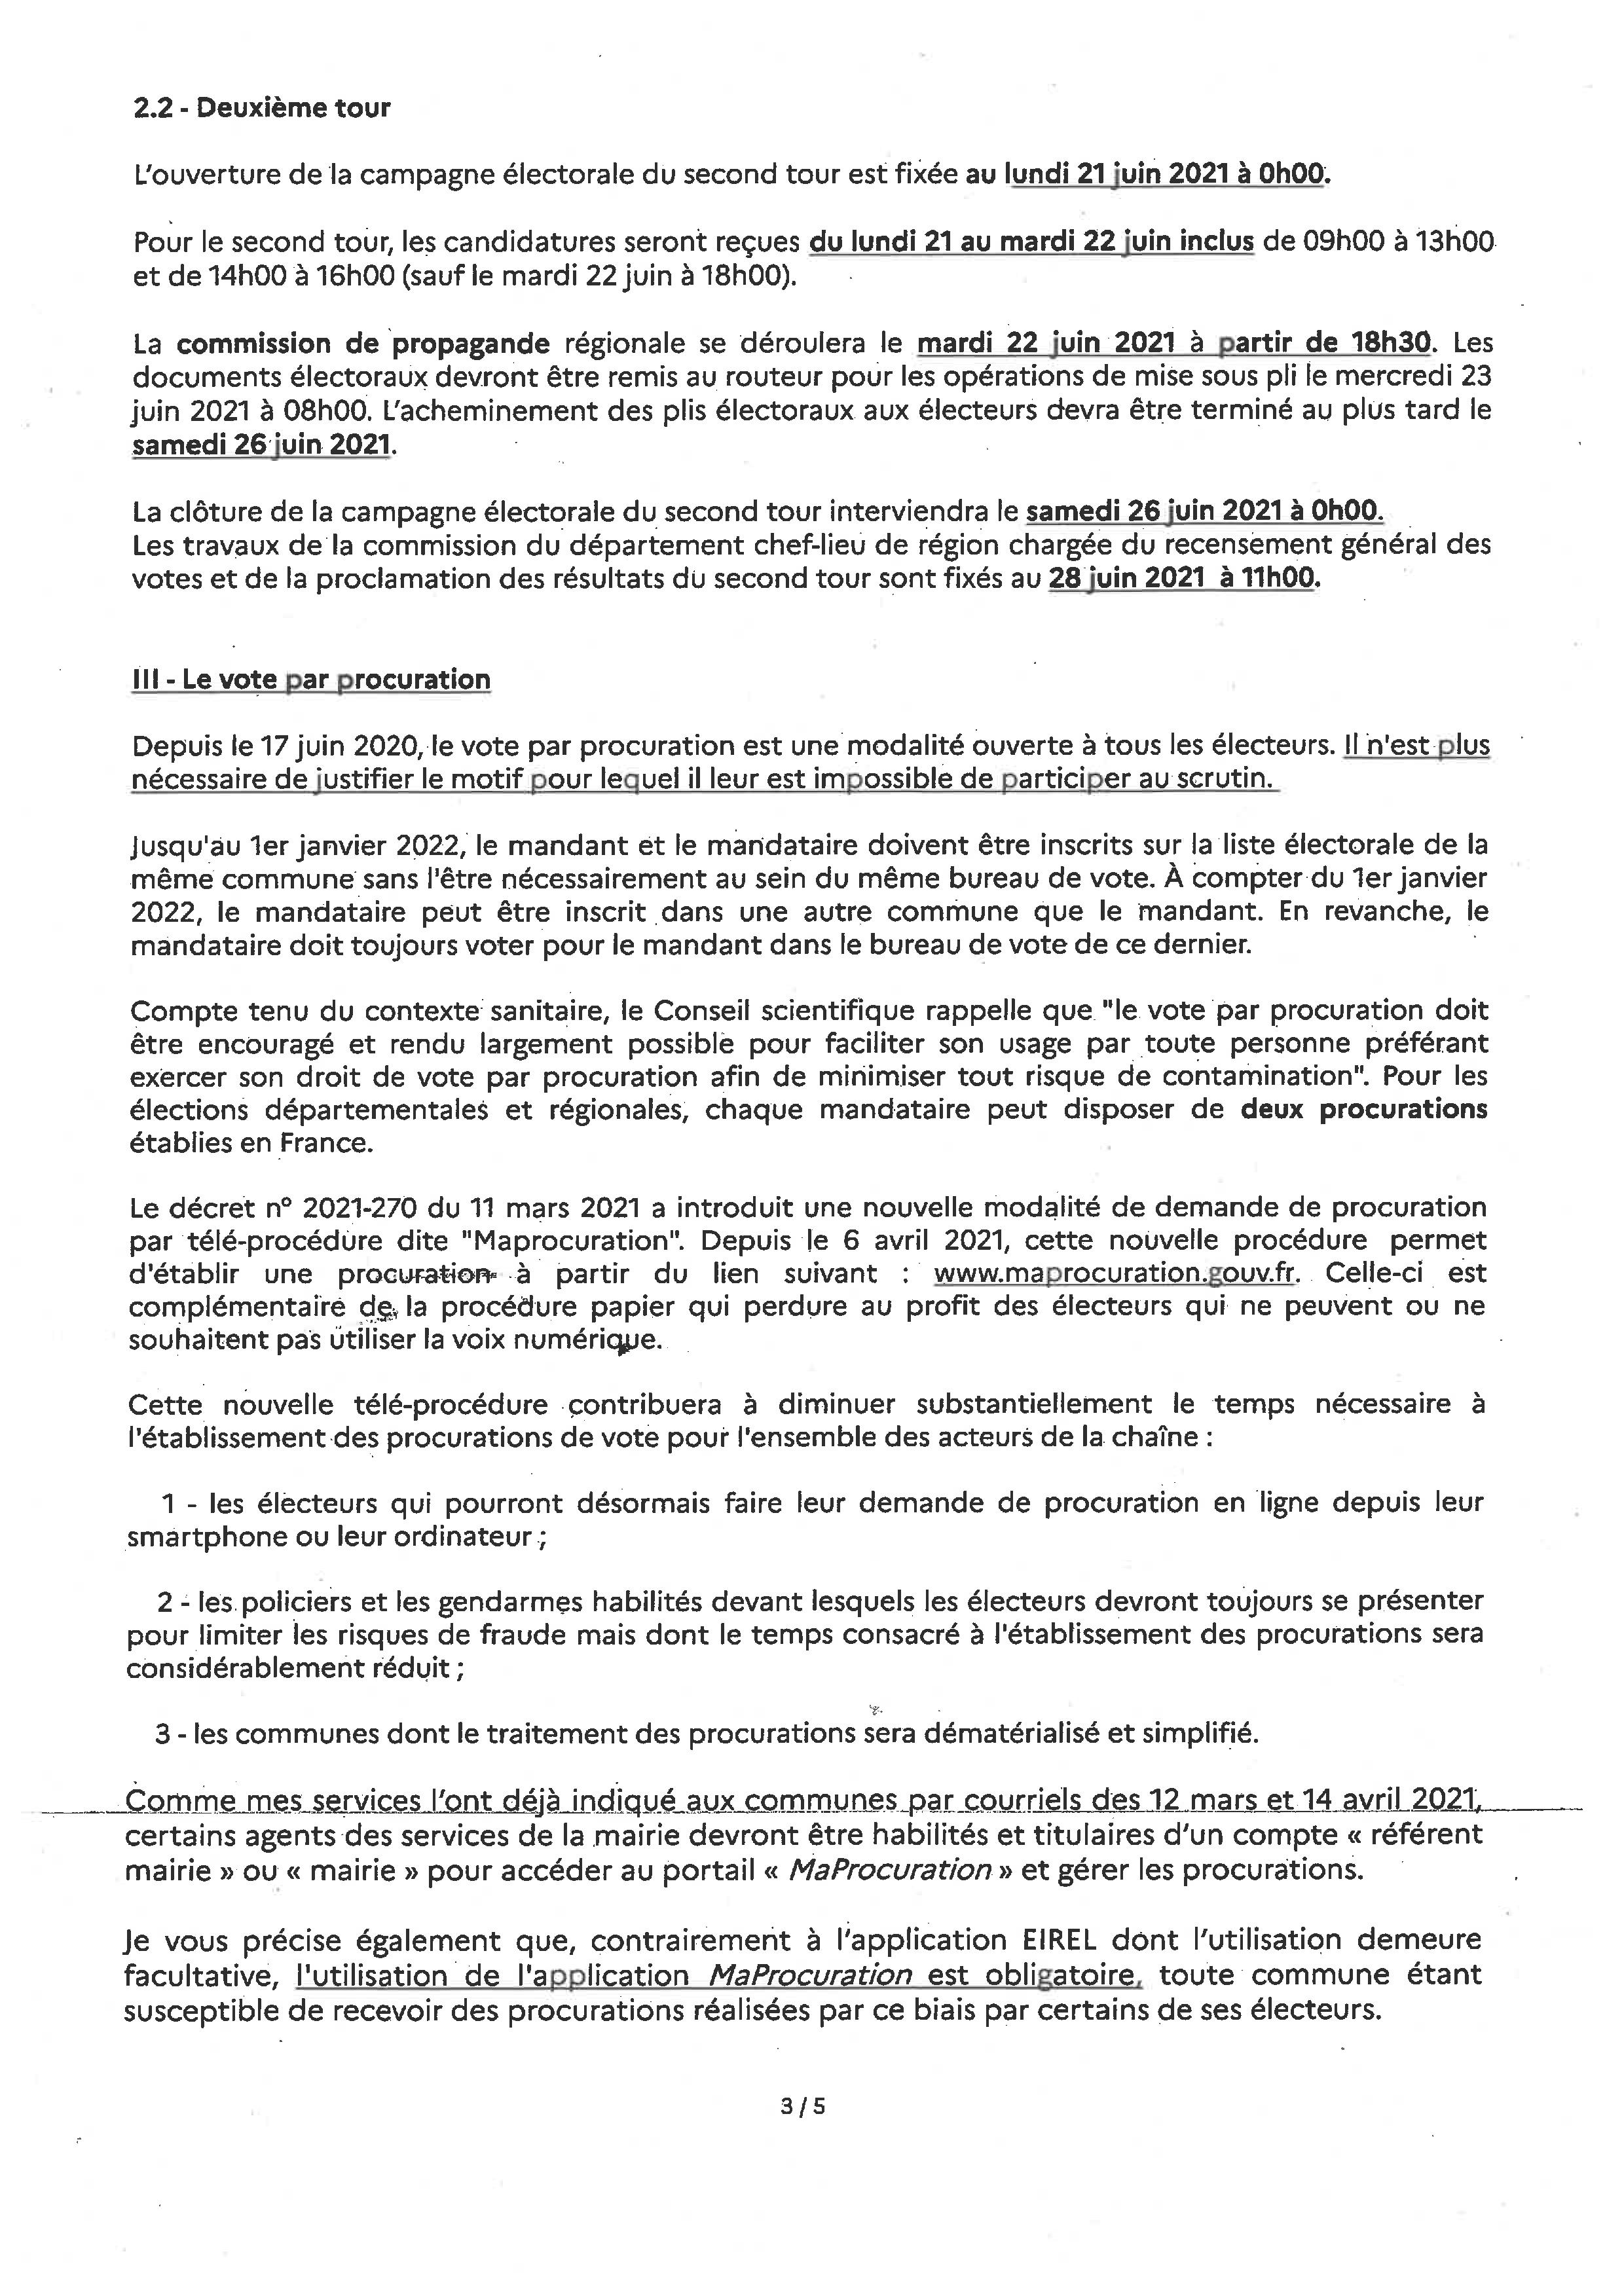 21 05 04 Circulaire préfet - Elections départementales et régionales 2021-2.png